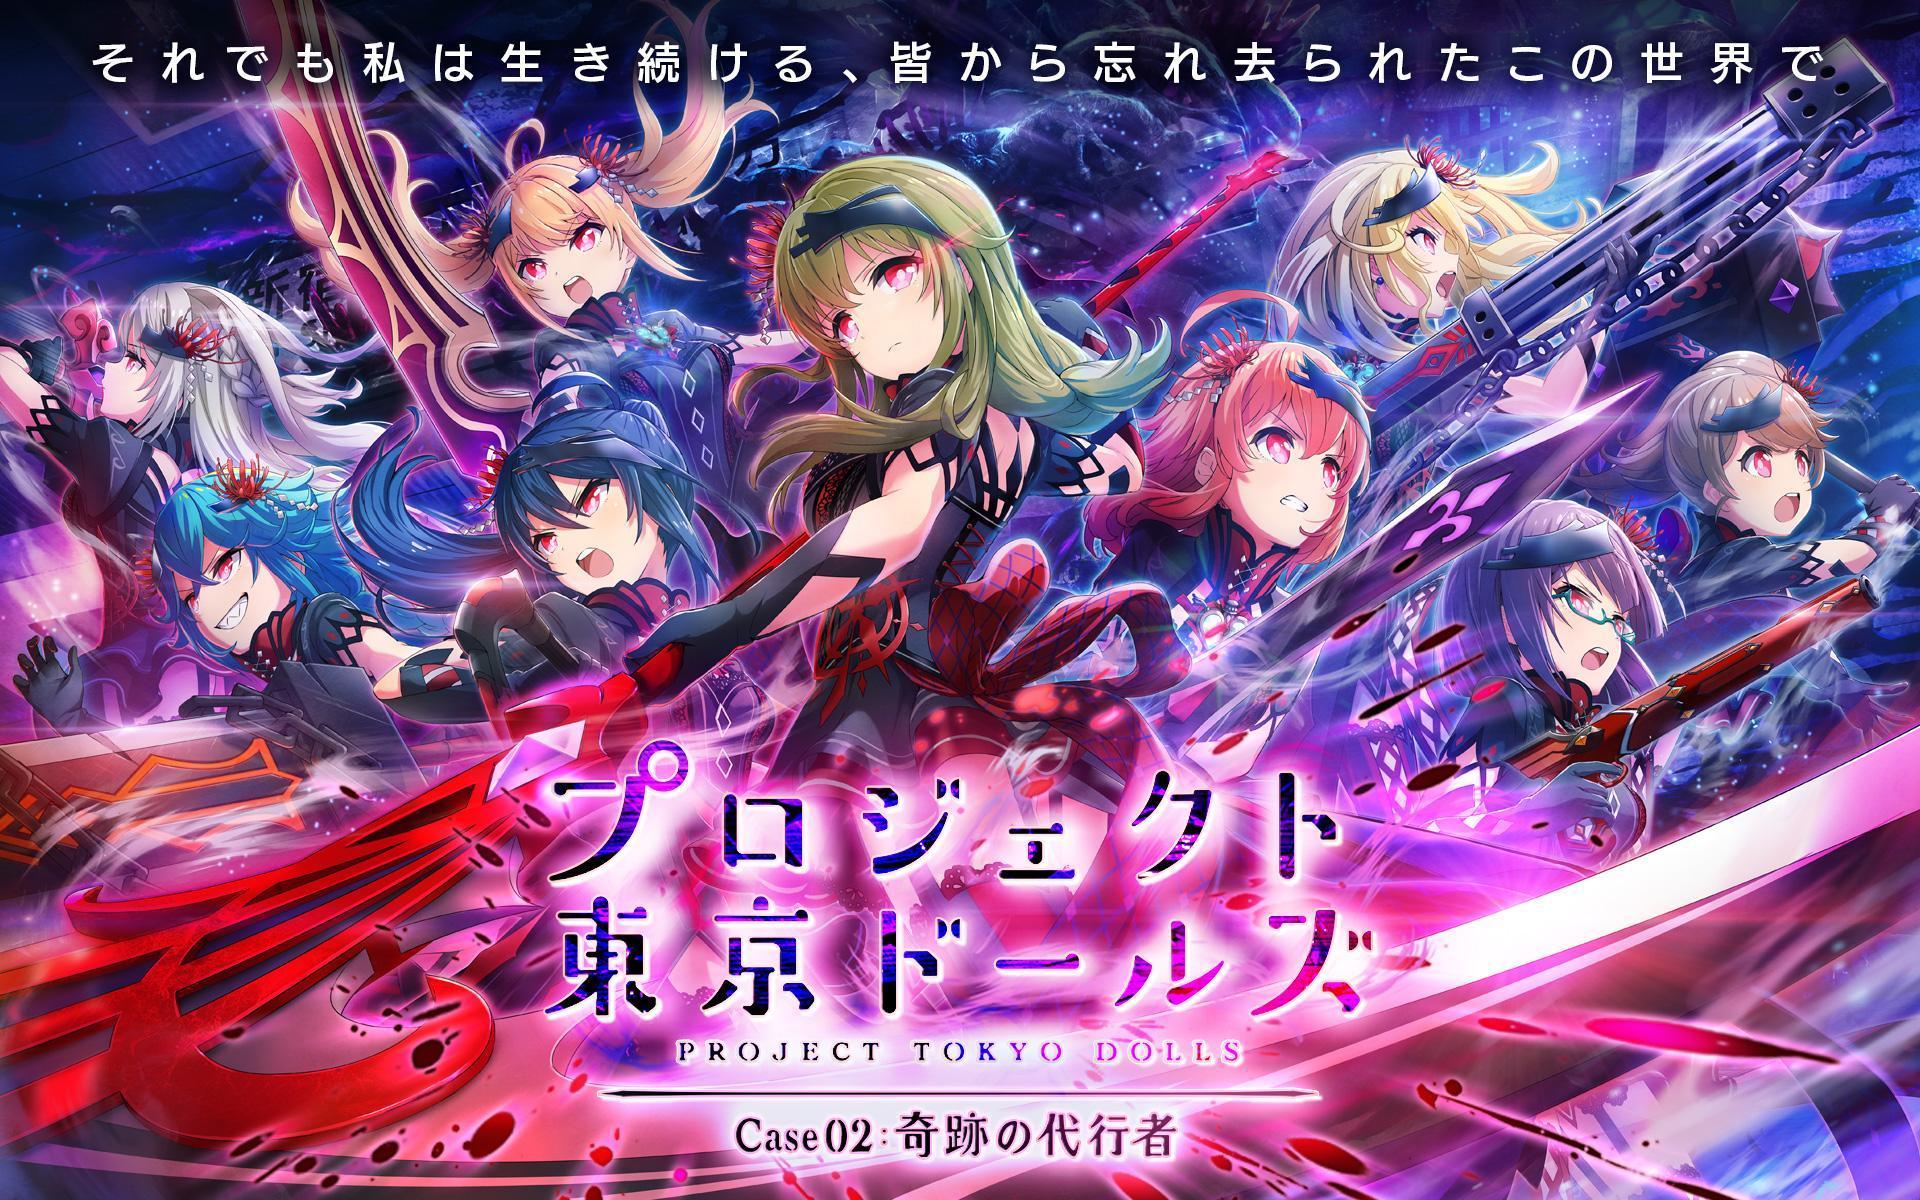 プロジェクト東京ドールズ :美少女タップアクションRPG 4.1.0 Screenshot 6